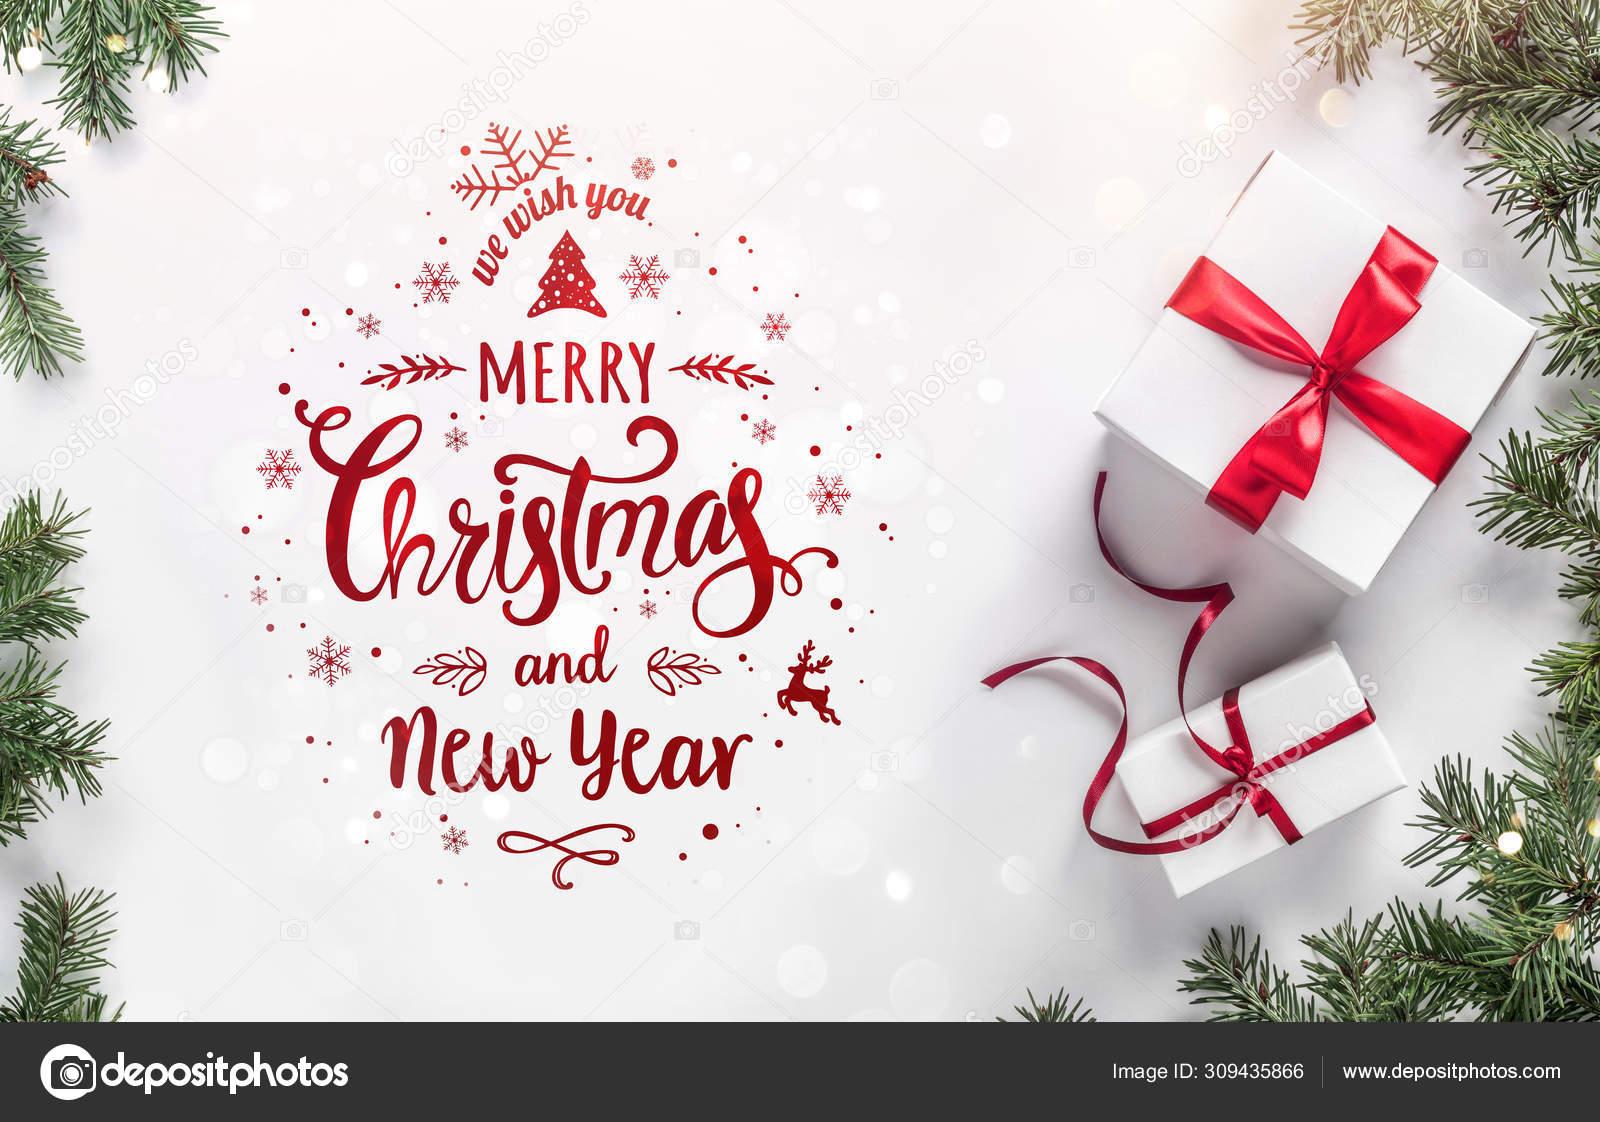 Immagini Natale Trackid Sp 006.Foto Buon Natale Immagini Buon Natale Da Scaricare Foto Stock Depositphotos